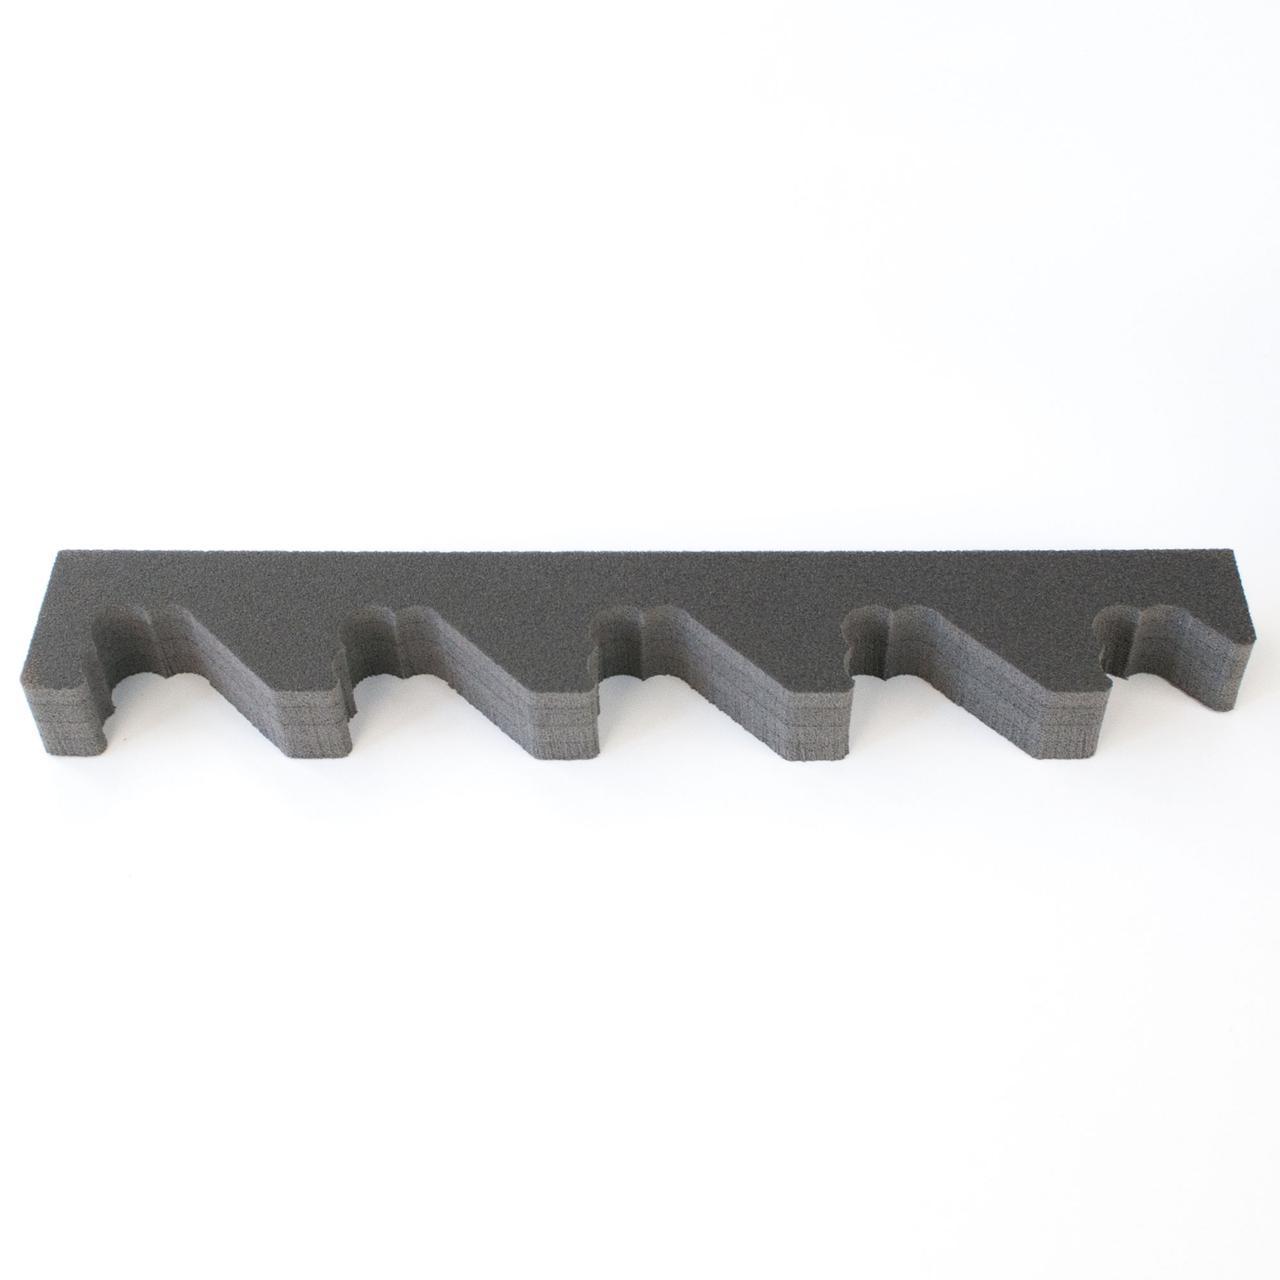 5UGL Тримач / Ложемент для 5 рушниць Тип UGL. Розташування під кутом (40/477/73)